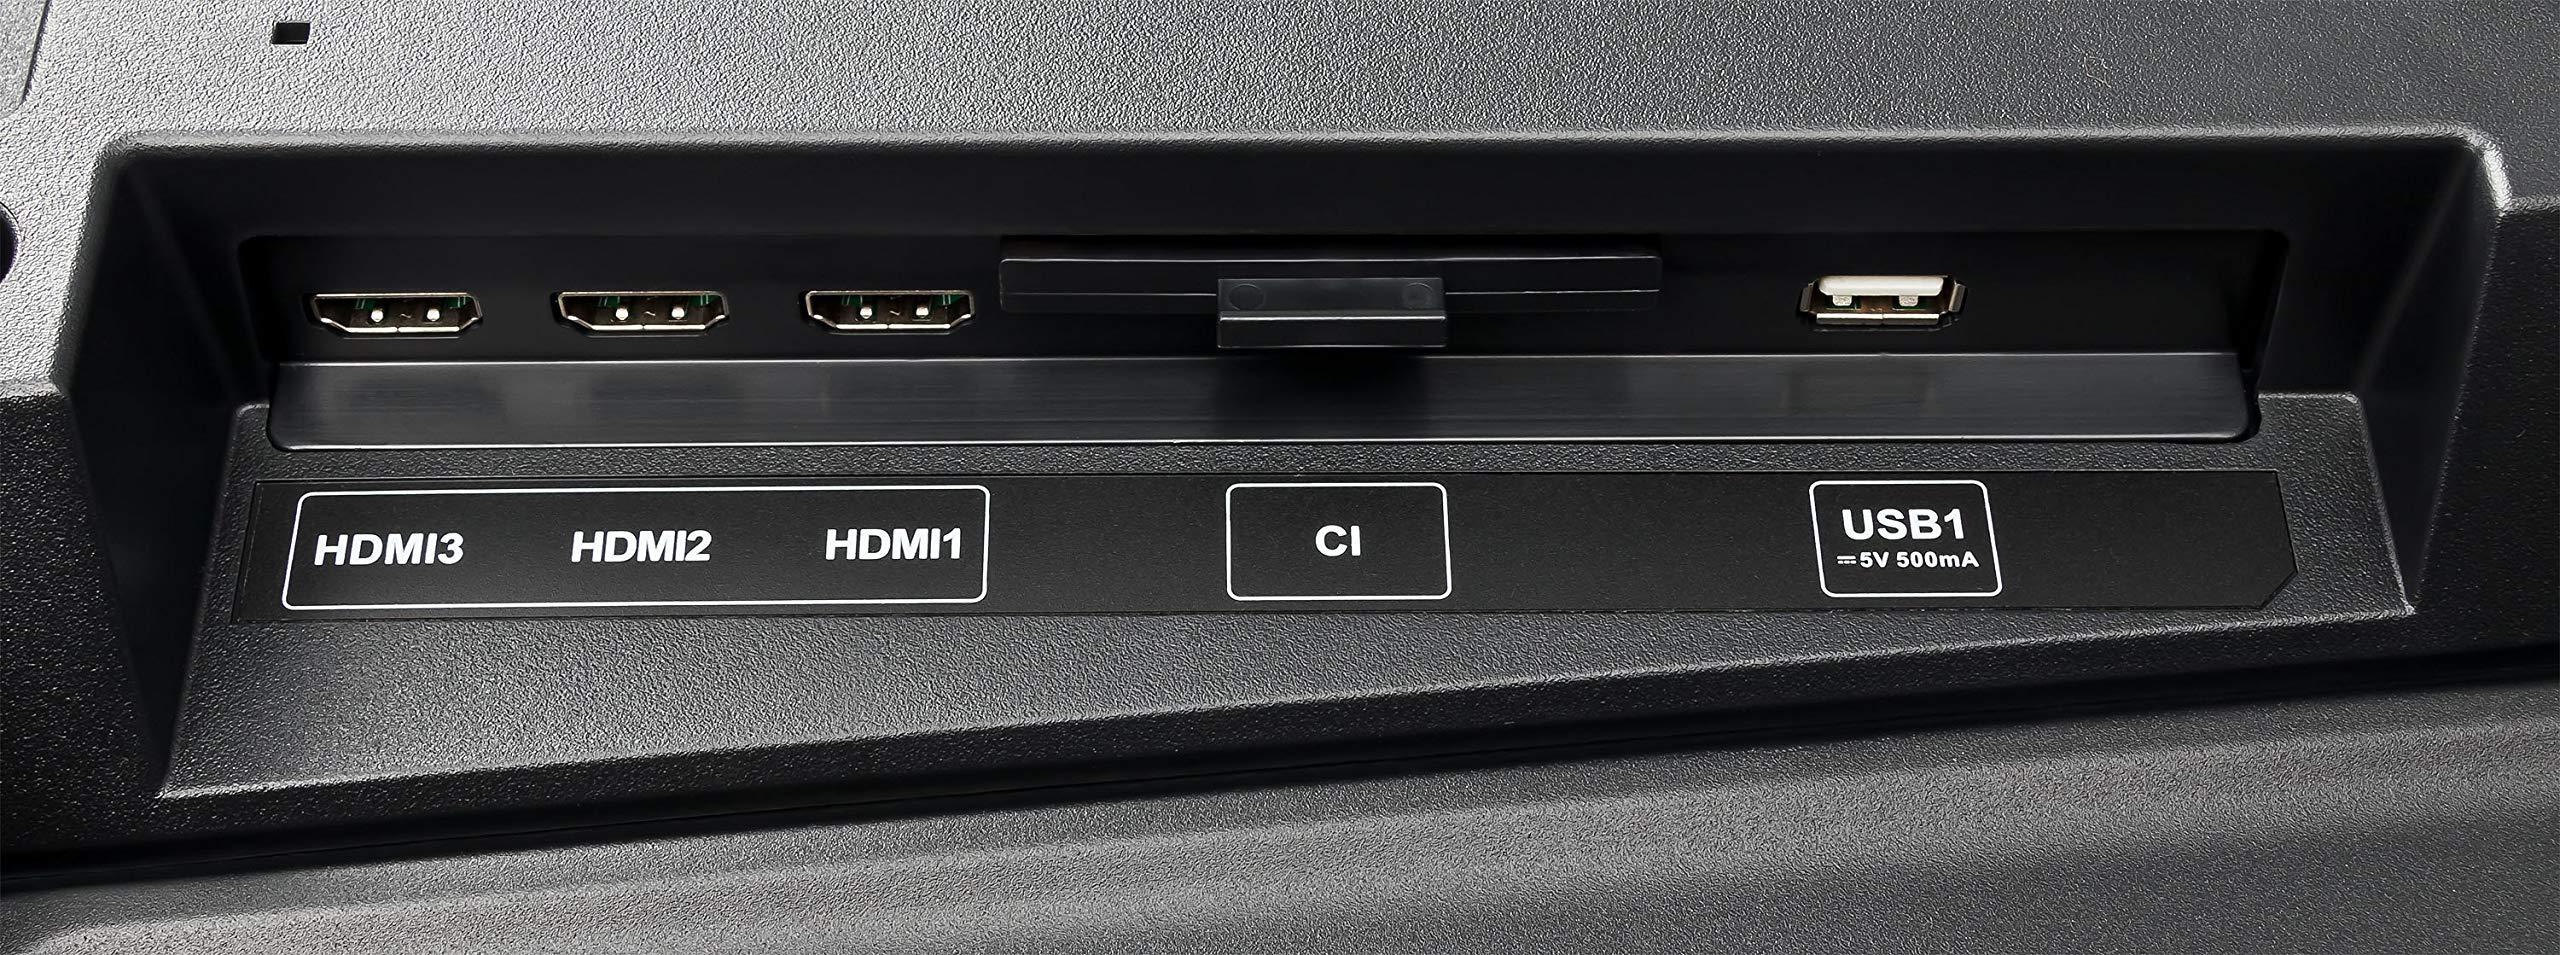 Coocaa - Televisor de 32 pulgadas (80 cm), triple sintonizador (LCD, HD Ready, HDMI, USB): Amazon.es: Electrónica